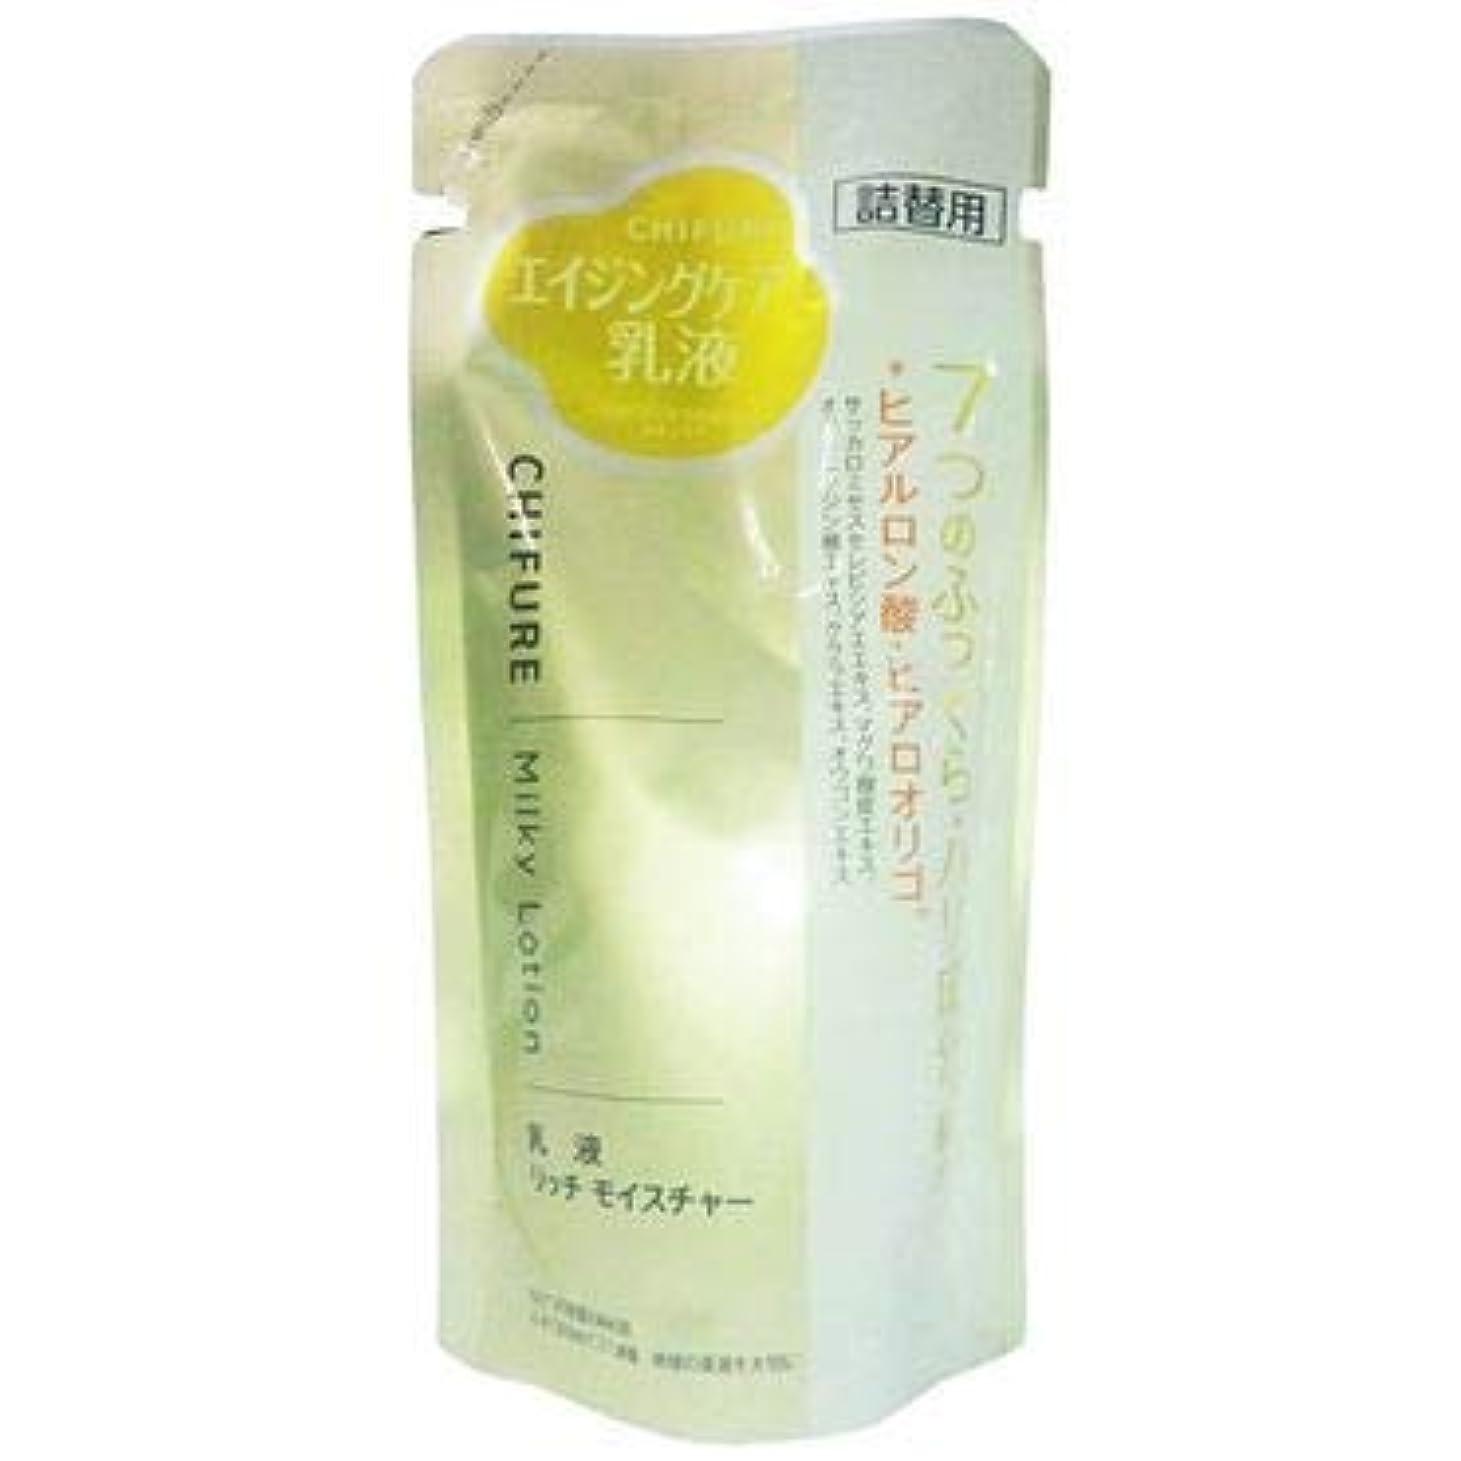 換気するジョイント偽装するちふれ化粧品 乳液 リッチモイスチャータイプ 150ml (詰替)